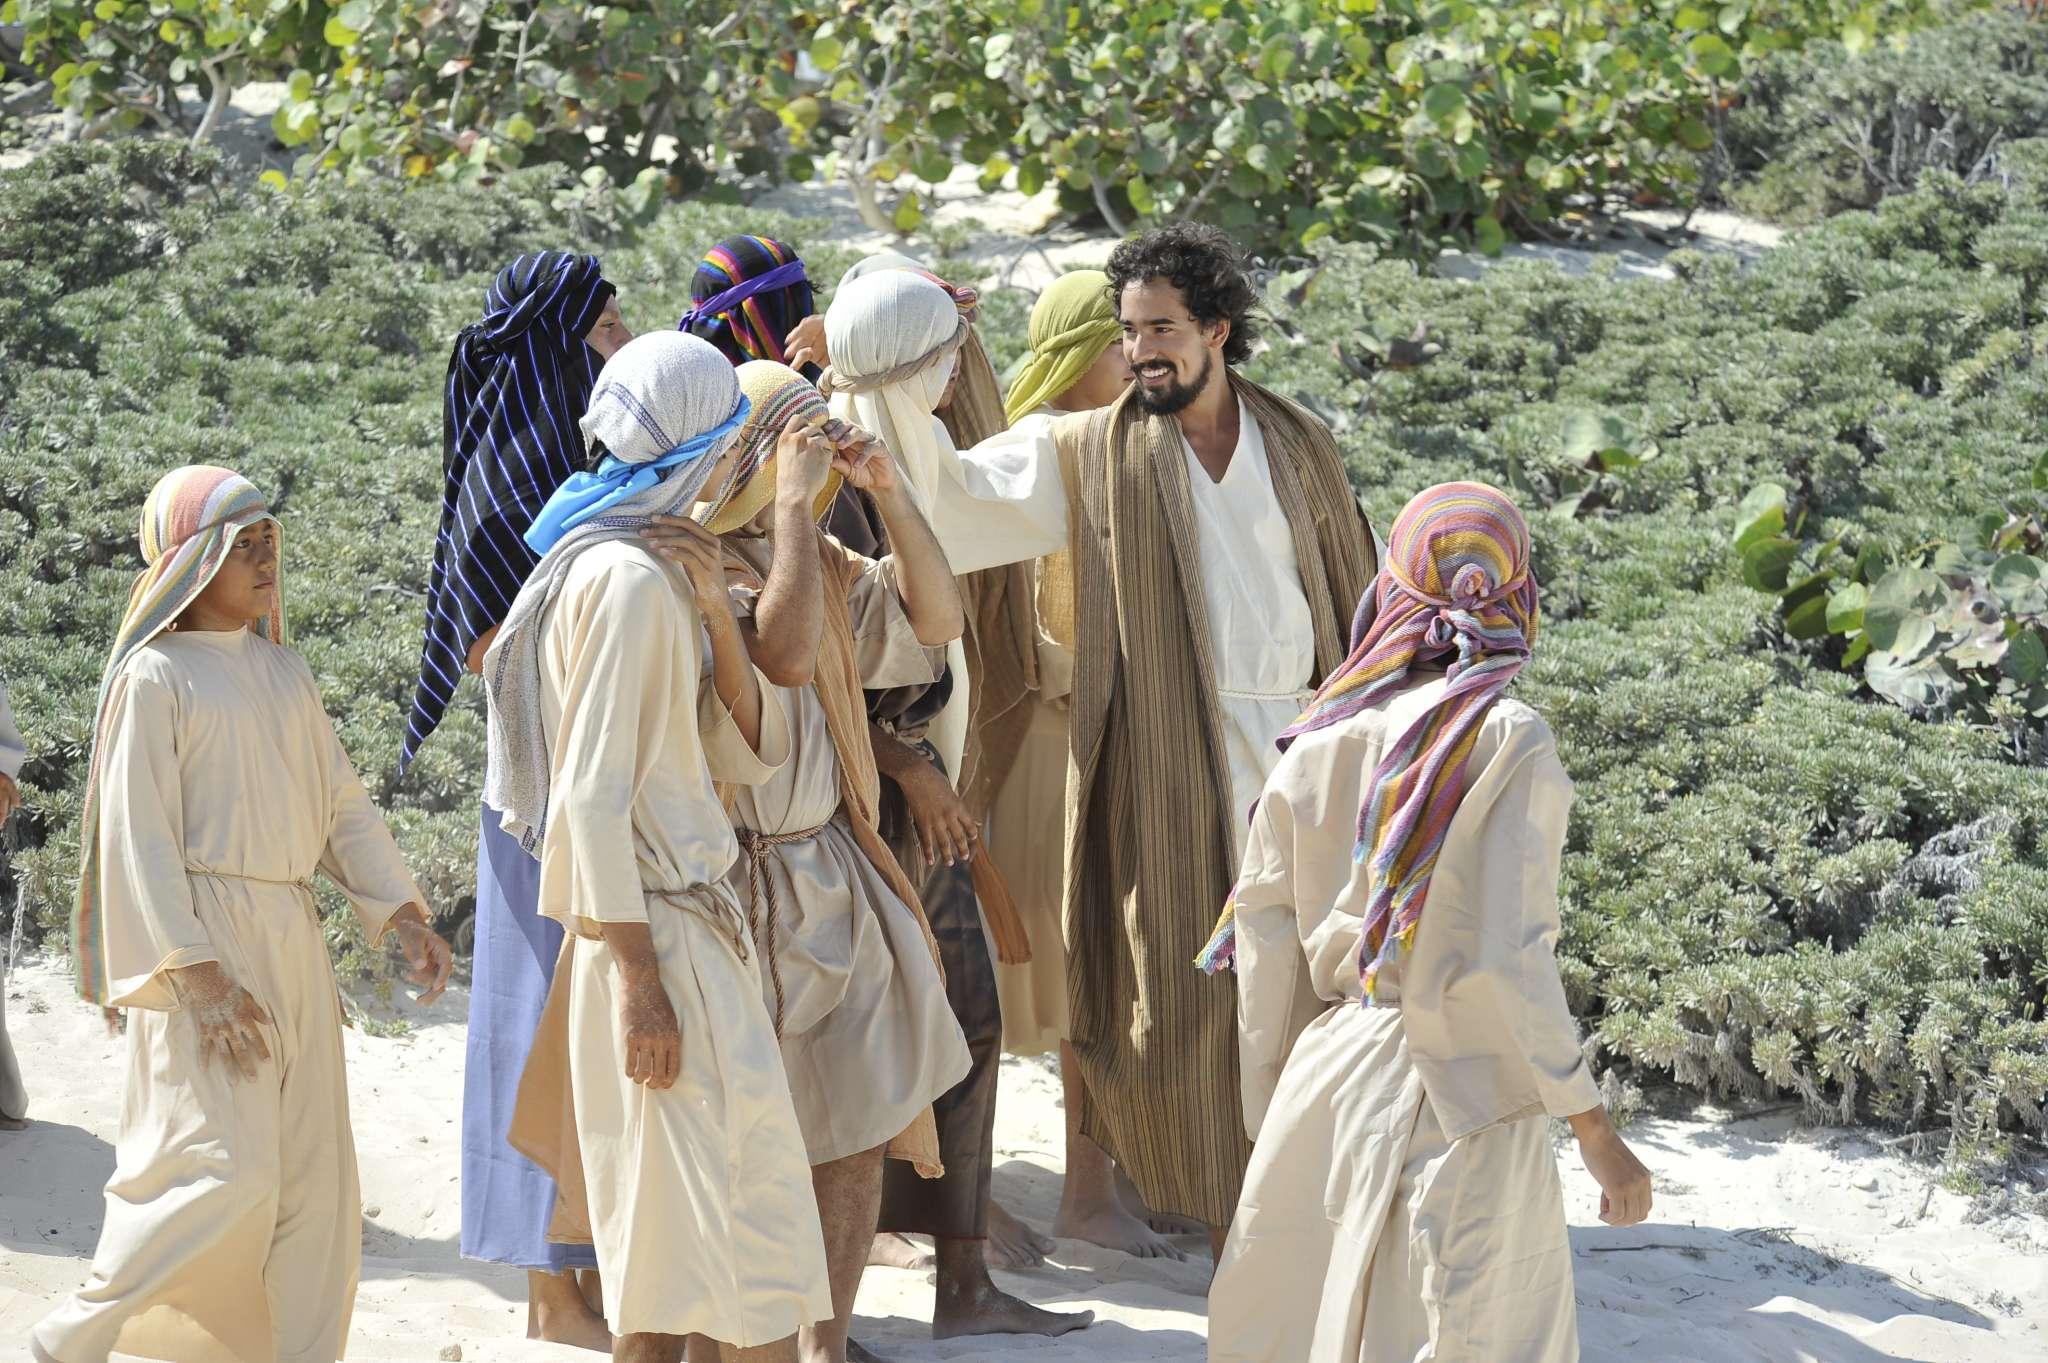 En el Evangelio del 12 de septiembre, Jesús plantea la cuestión de la identidad personal y la vocación de los discípulos.